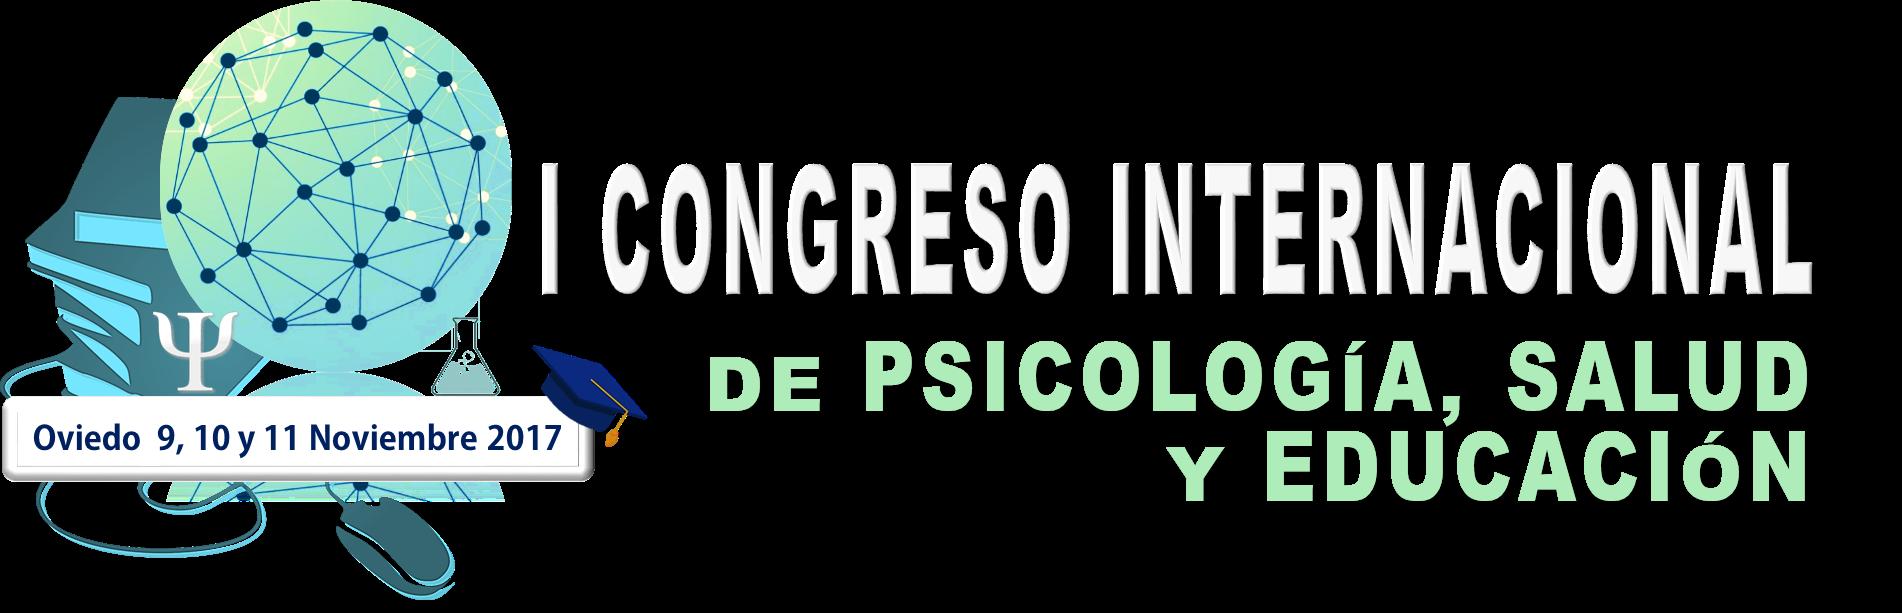 I Congreso Internacional de Psicología, Salud y Educación